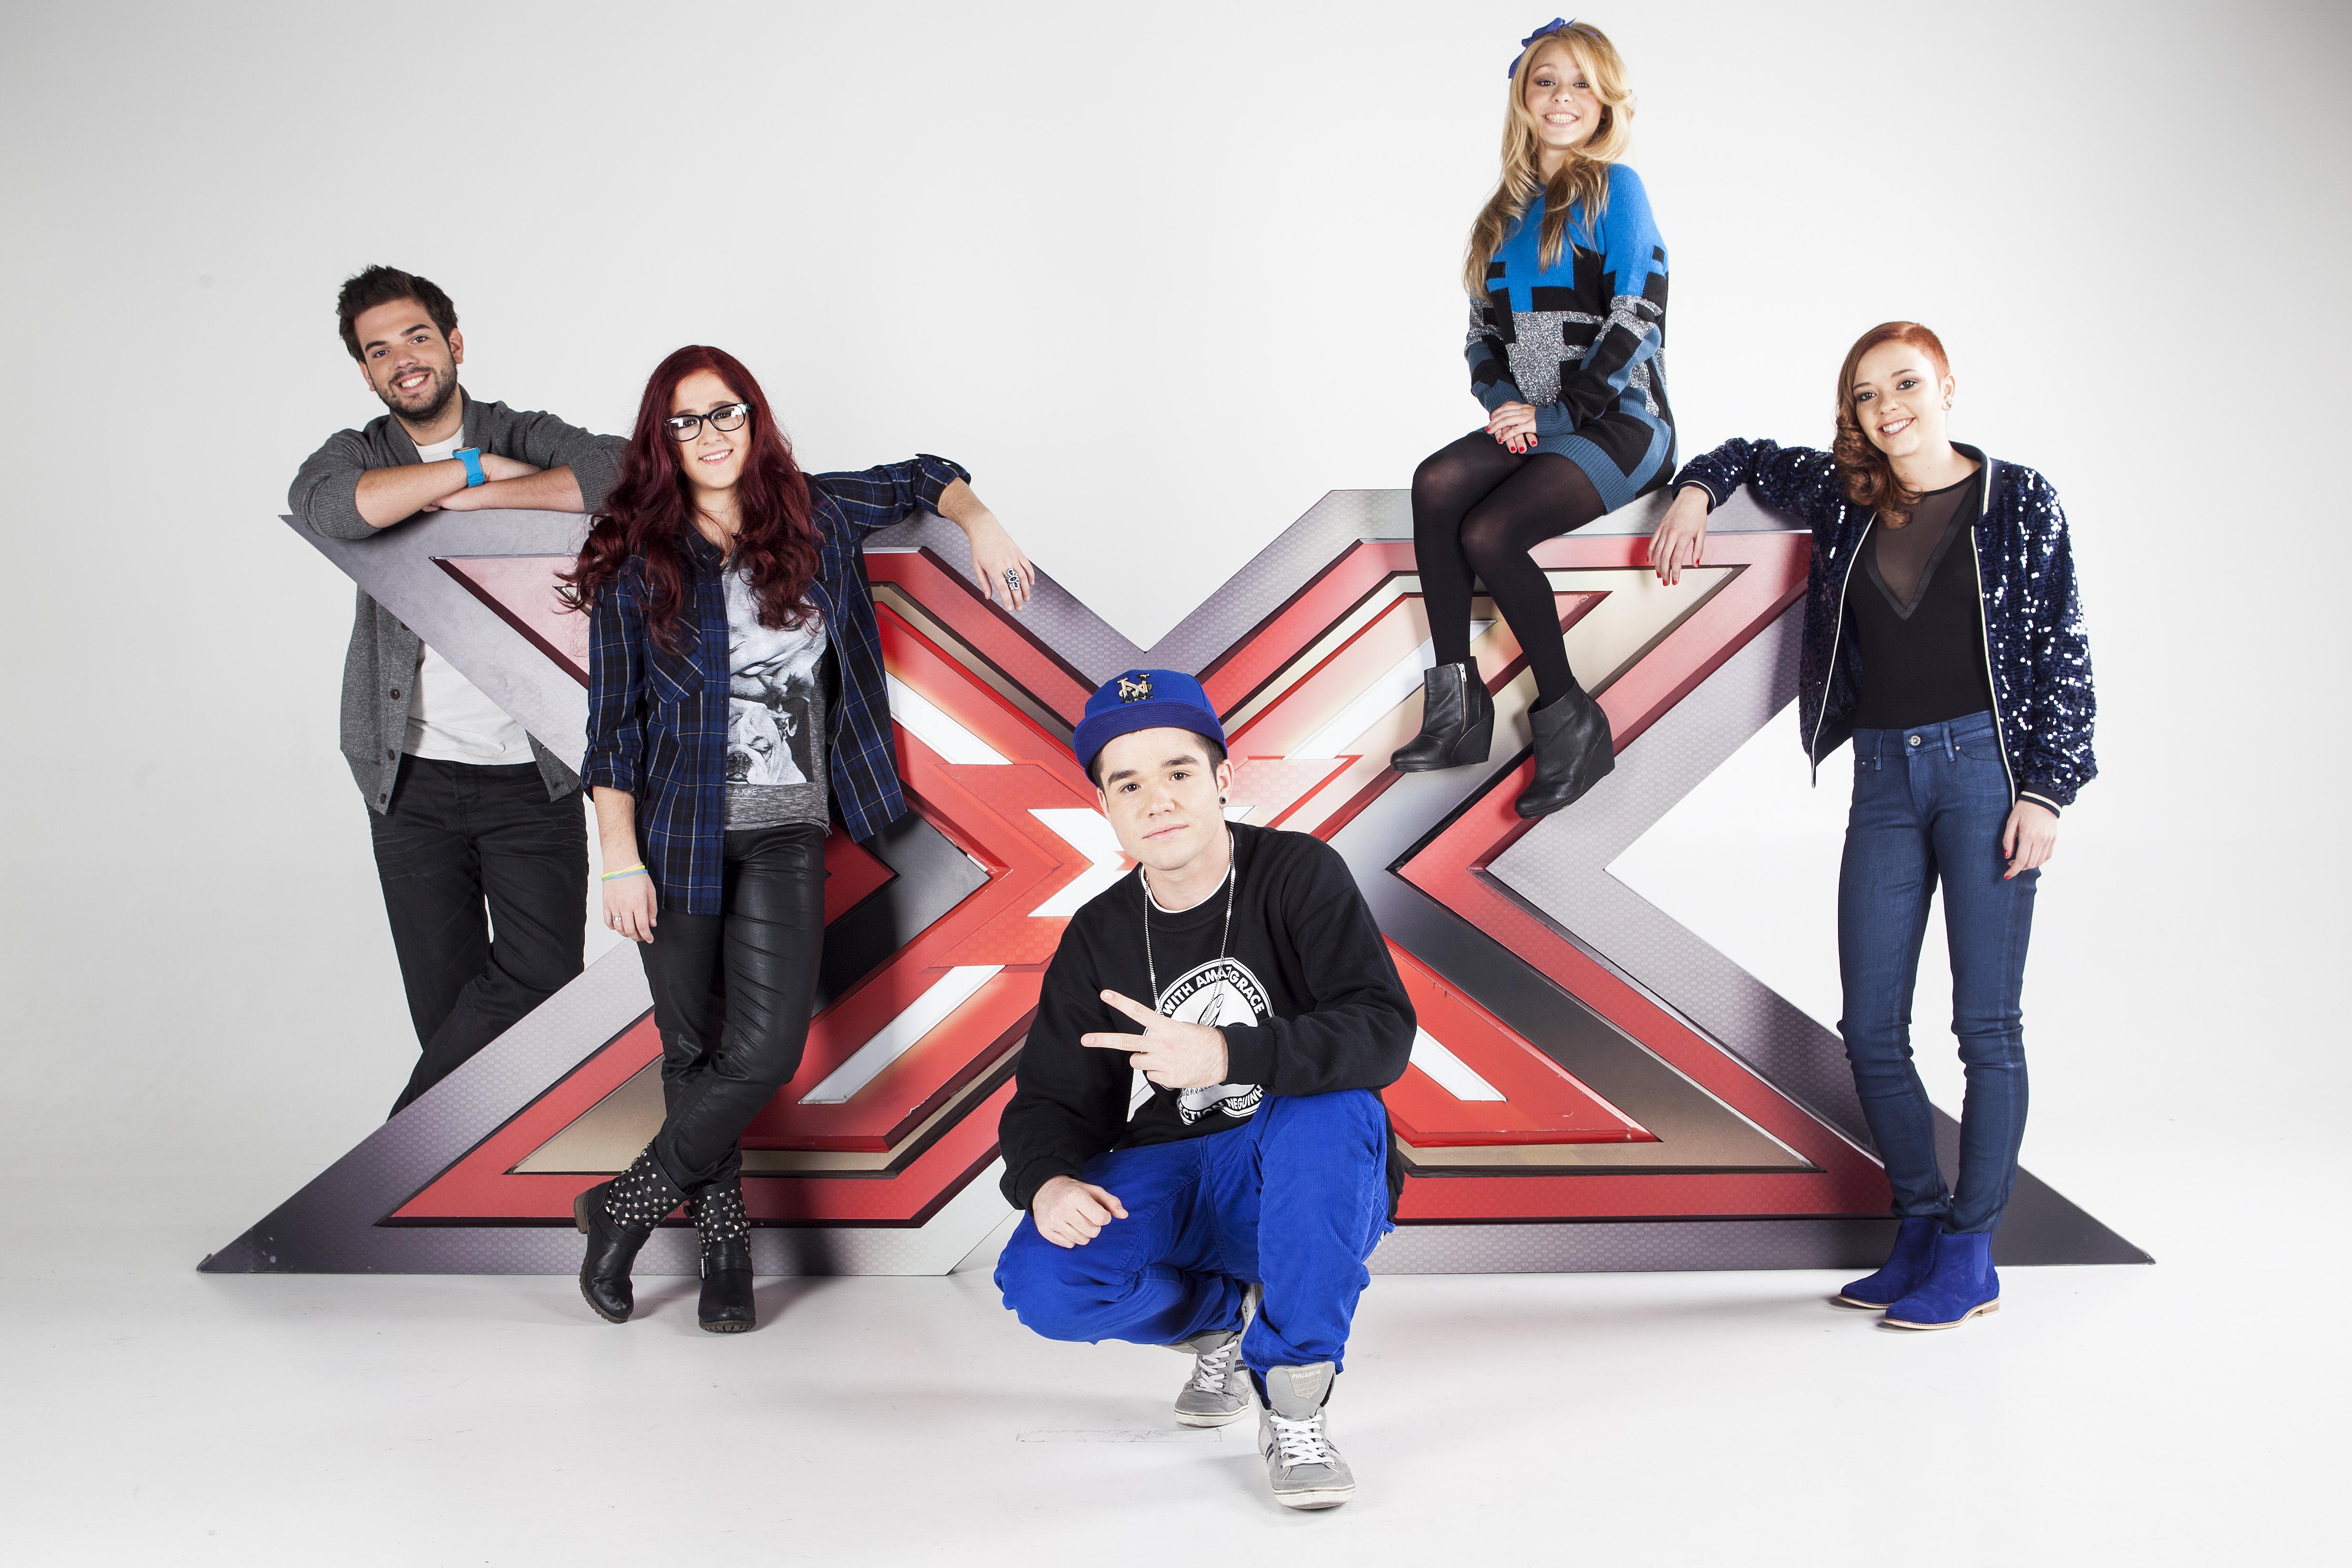 2013 Factor X 01 5512 Finalistas Jovens MM